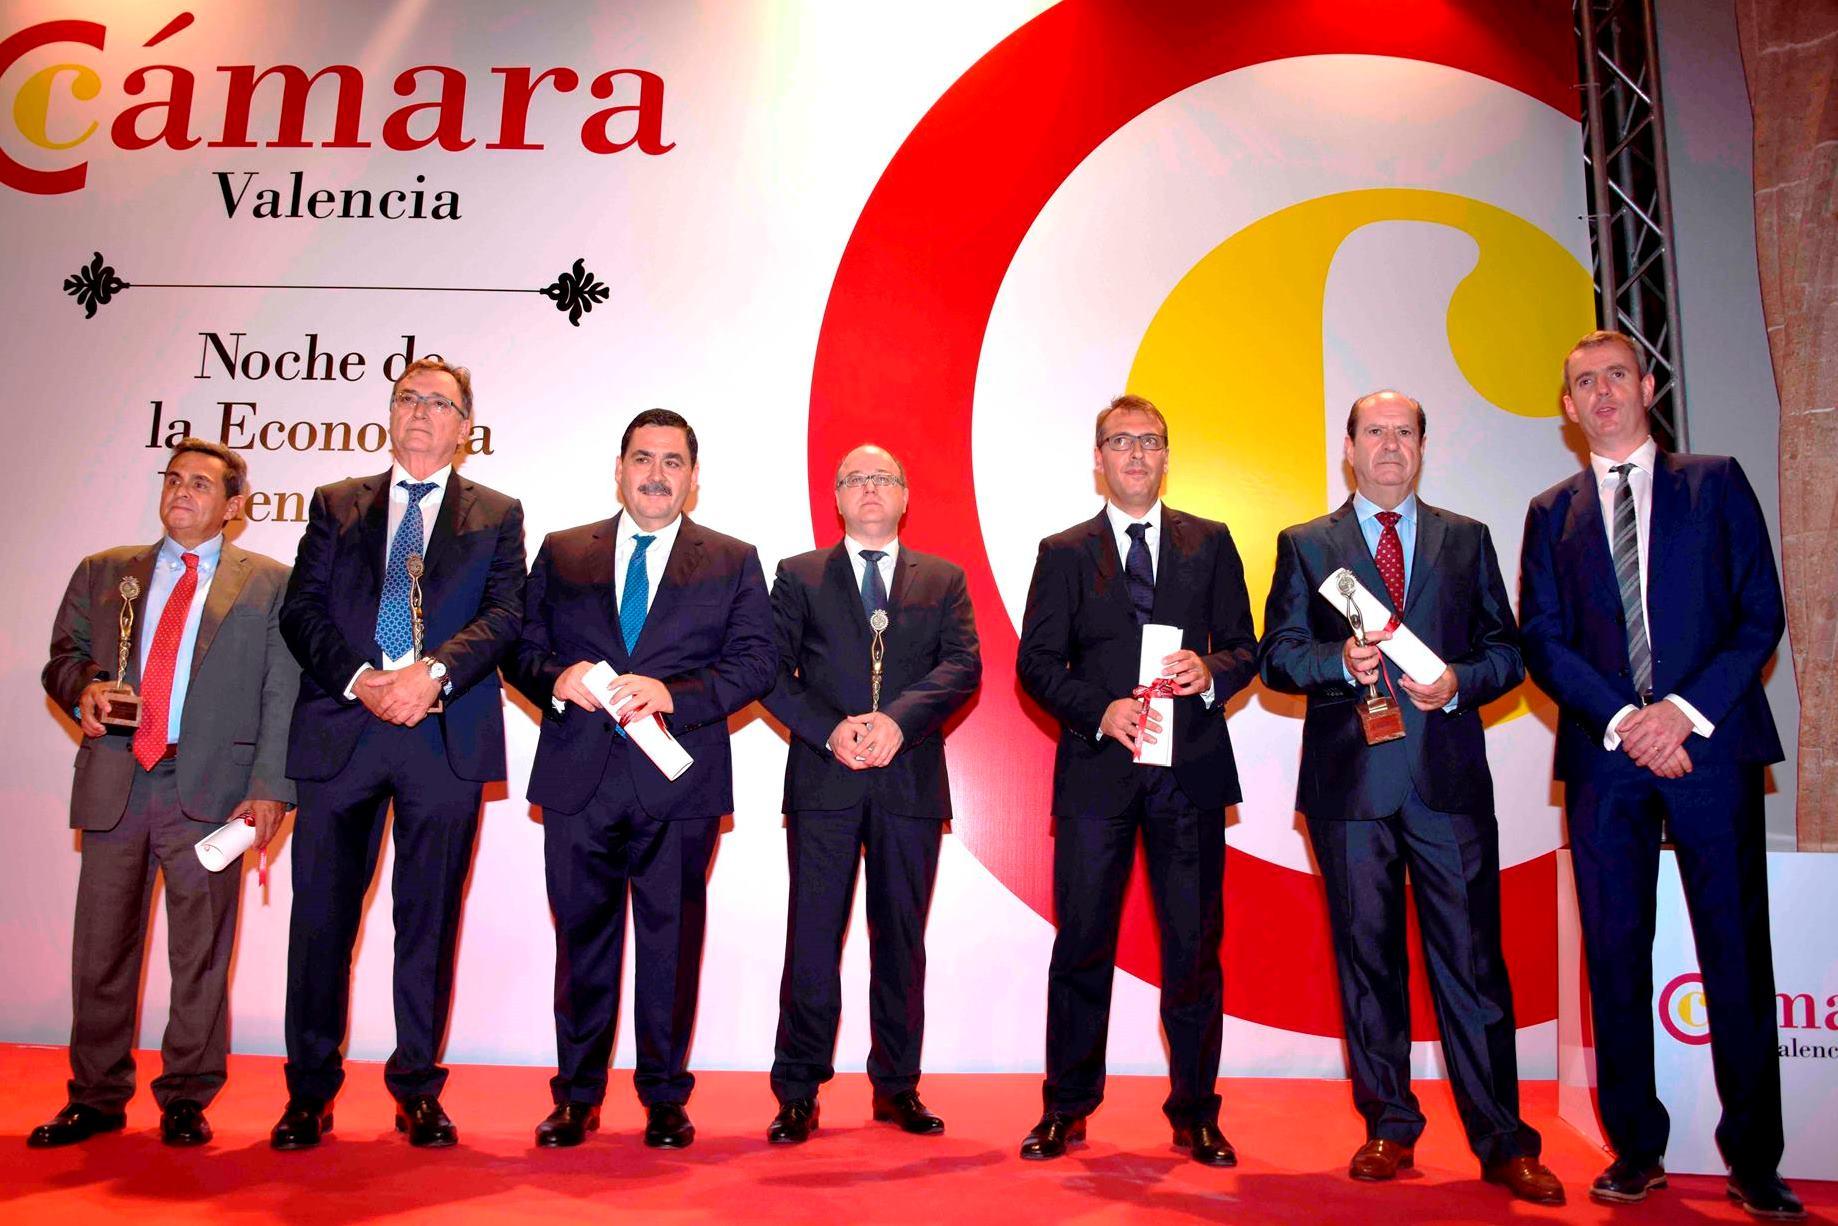 foto de familia de la entrega de premios de la Cámara de Comercio de Valencia